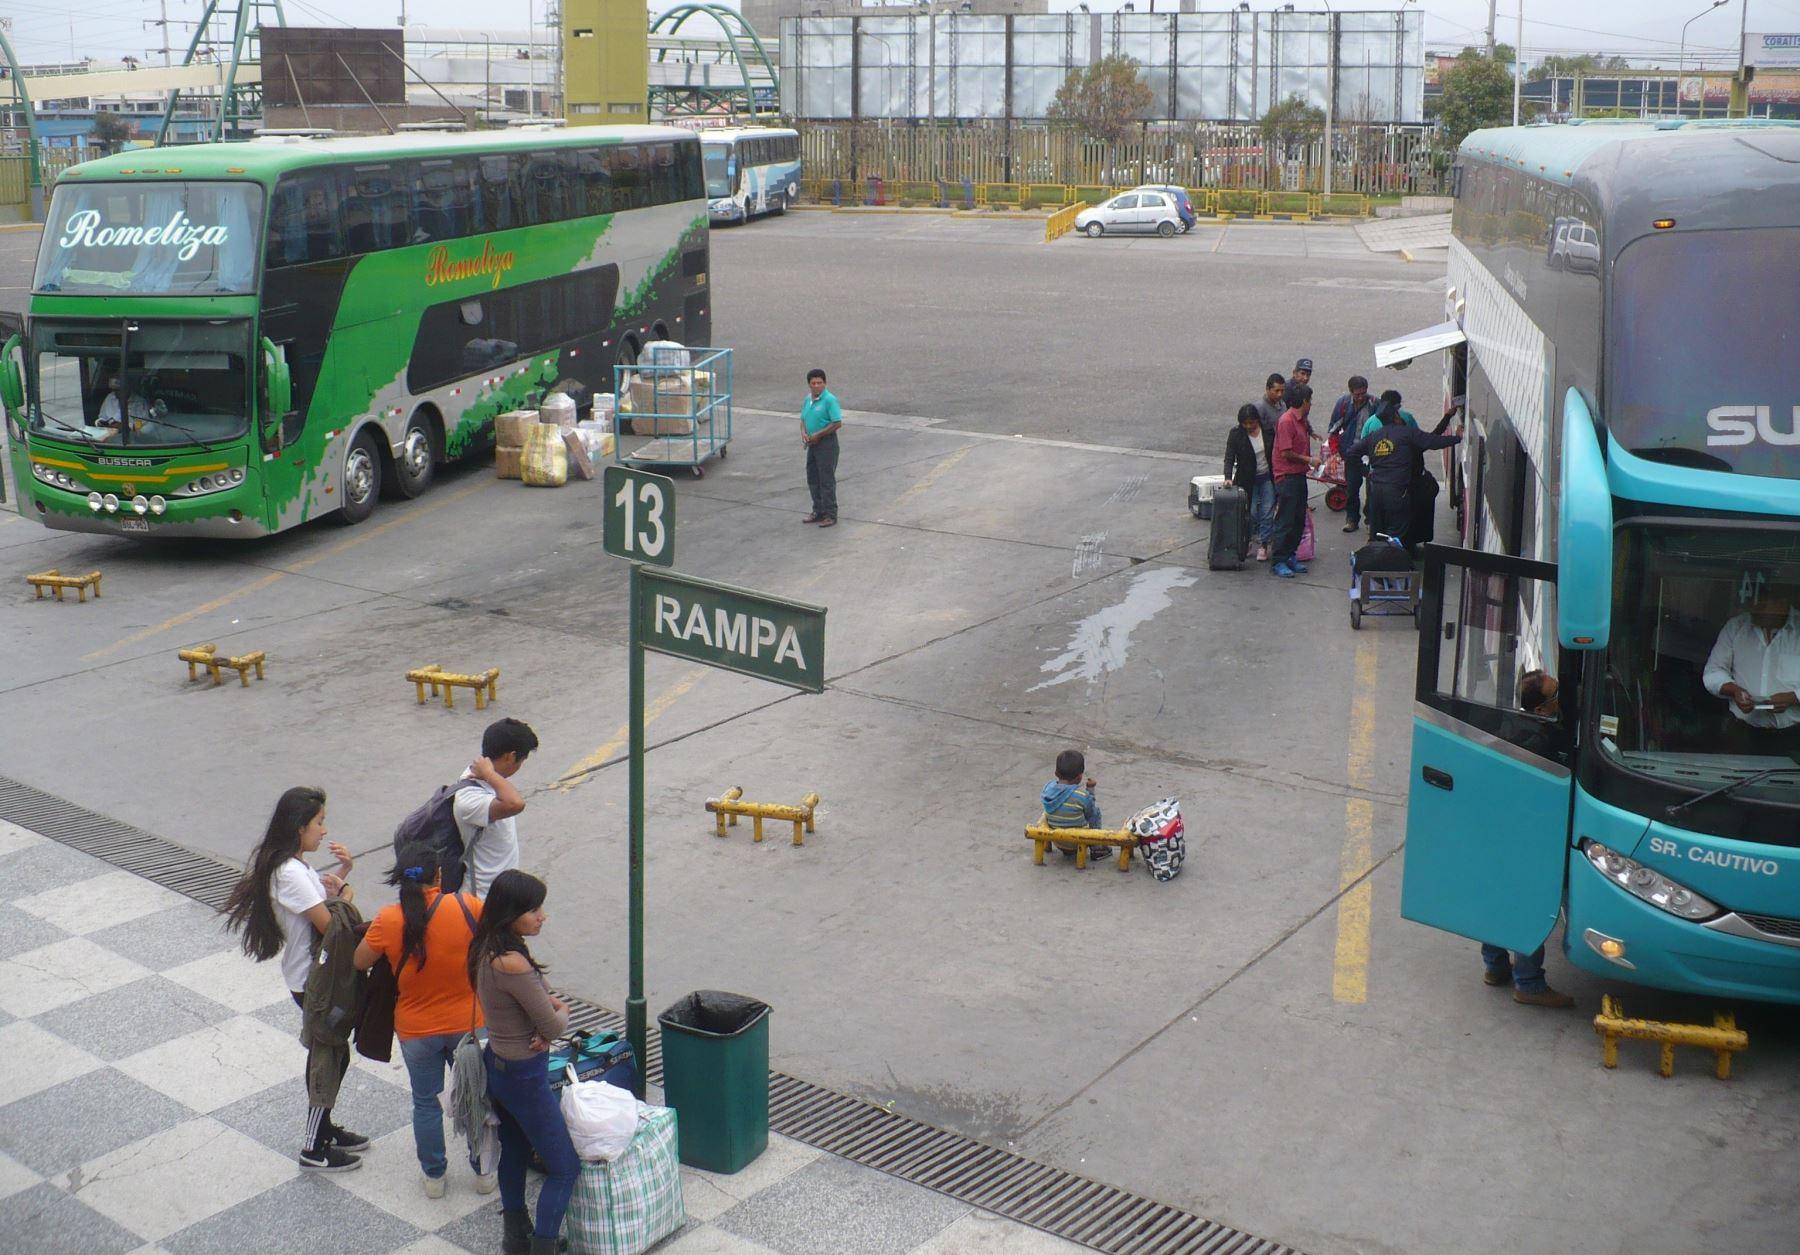 Hoy se reanudó el transporte interprovincial de pasajeros en Arequipa, luego que el Gobierno levantara el cerco epidemiológico en esta región. ANDINA/archivo